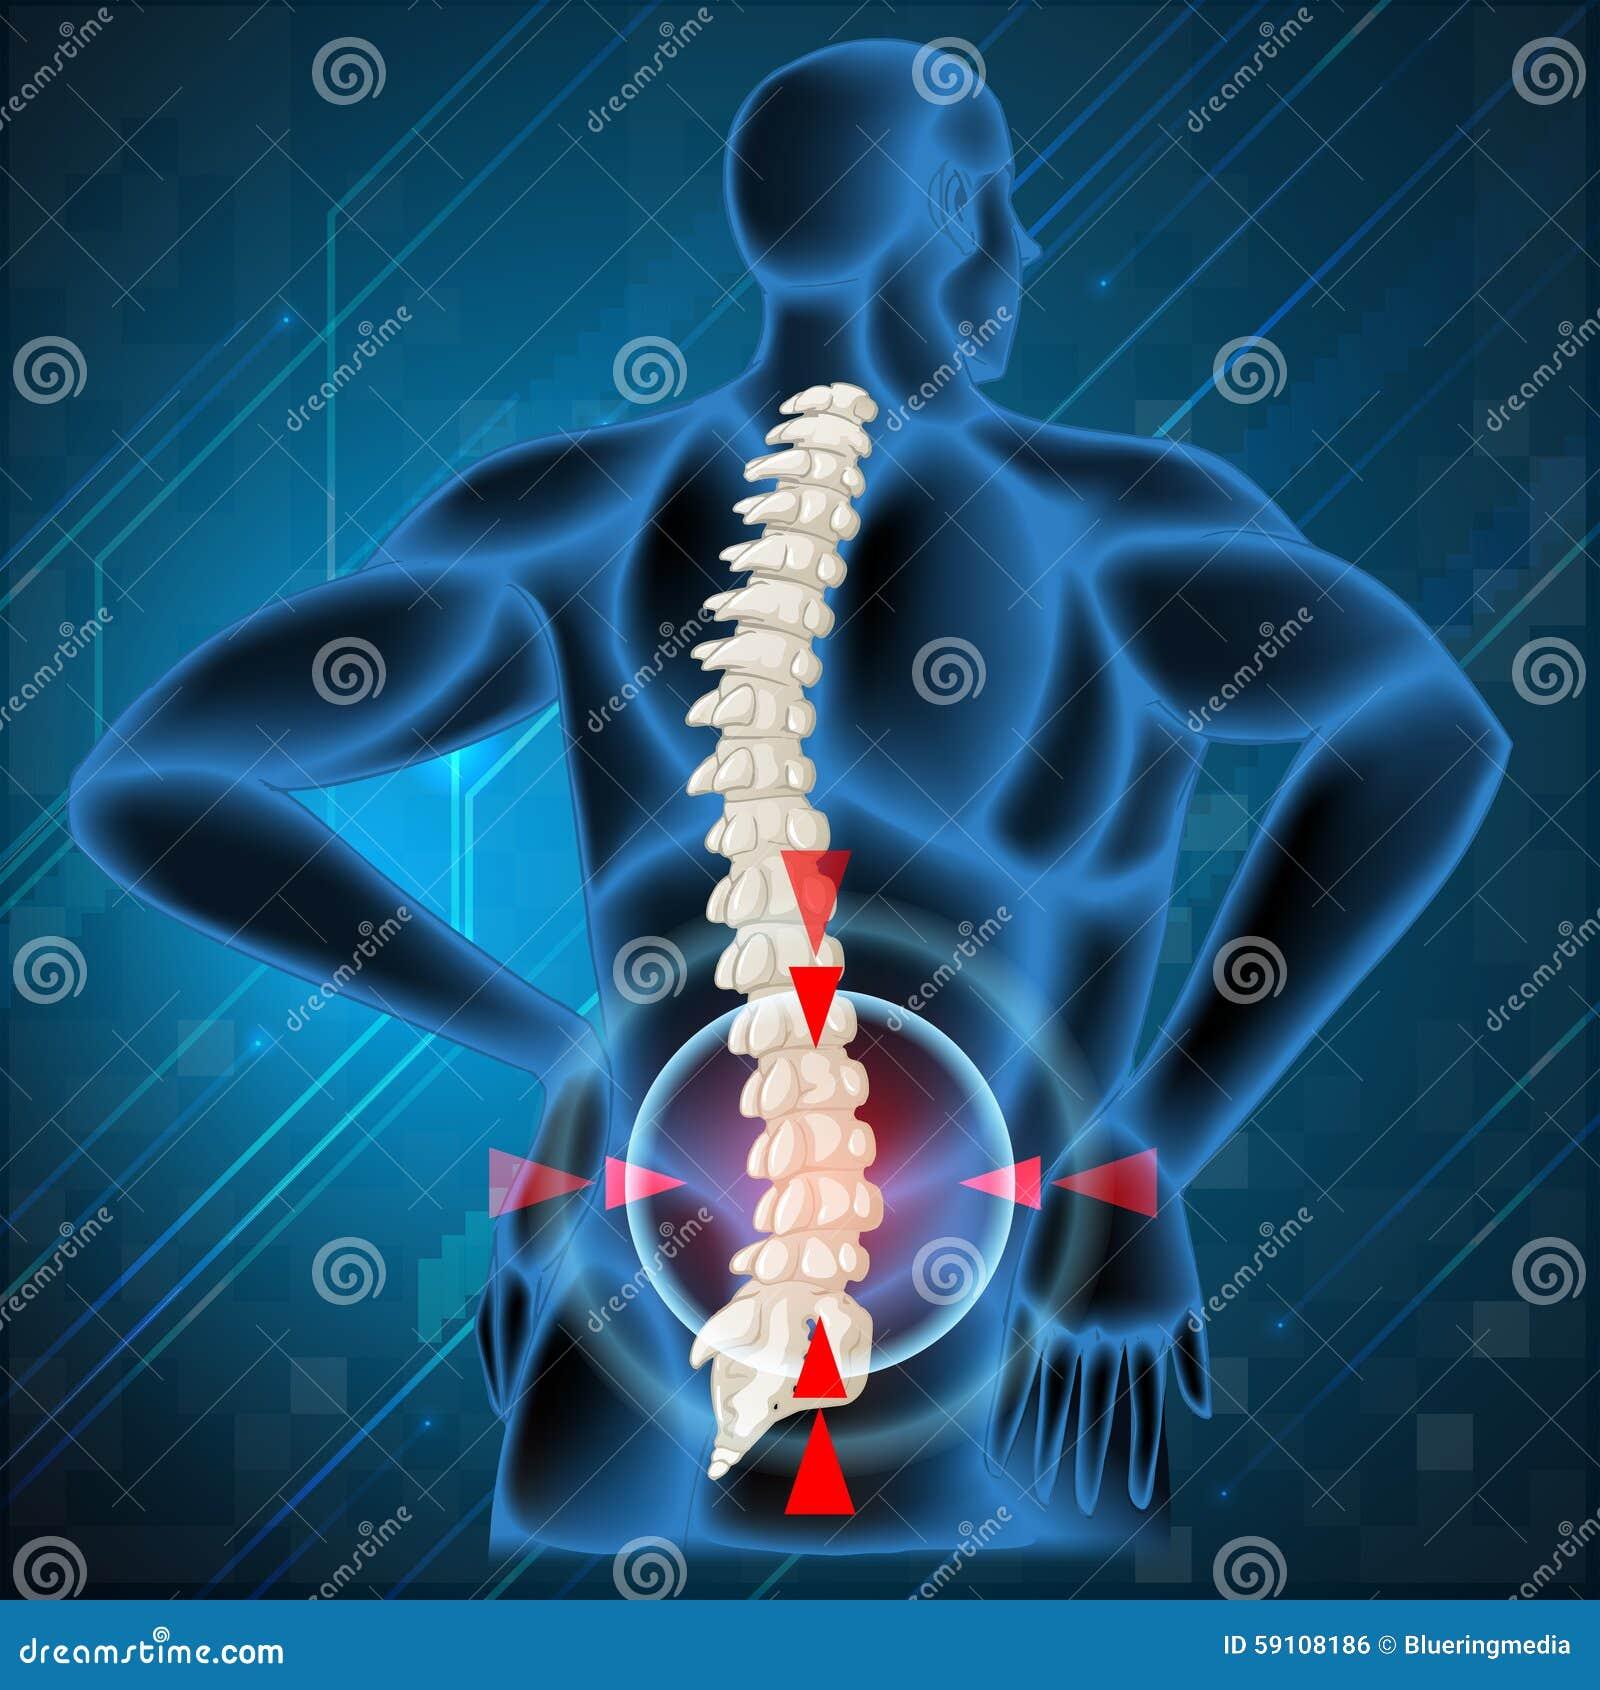 Vistoso Diagrama De La Espalda Fotos - Imágenes de Anatomía Humana ...